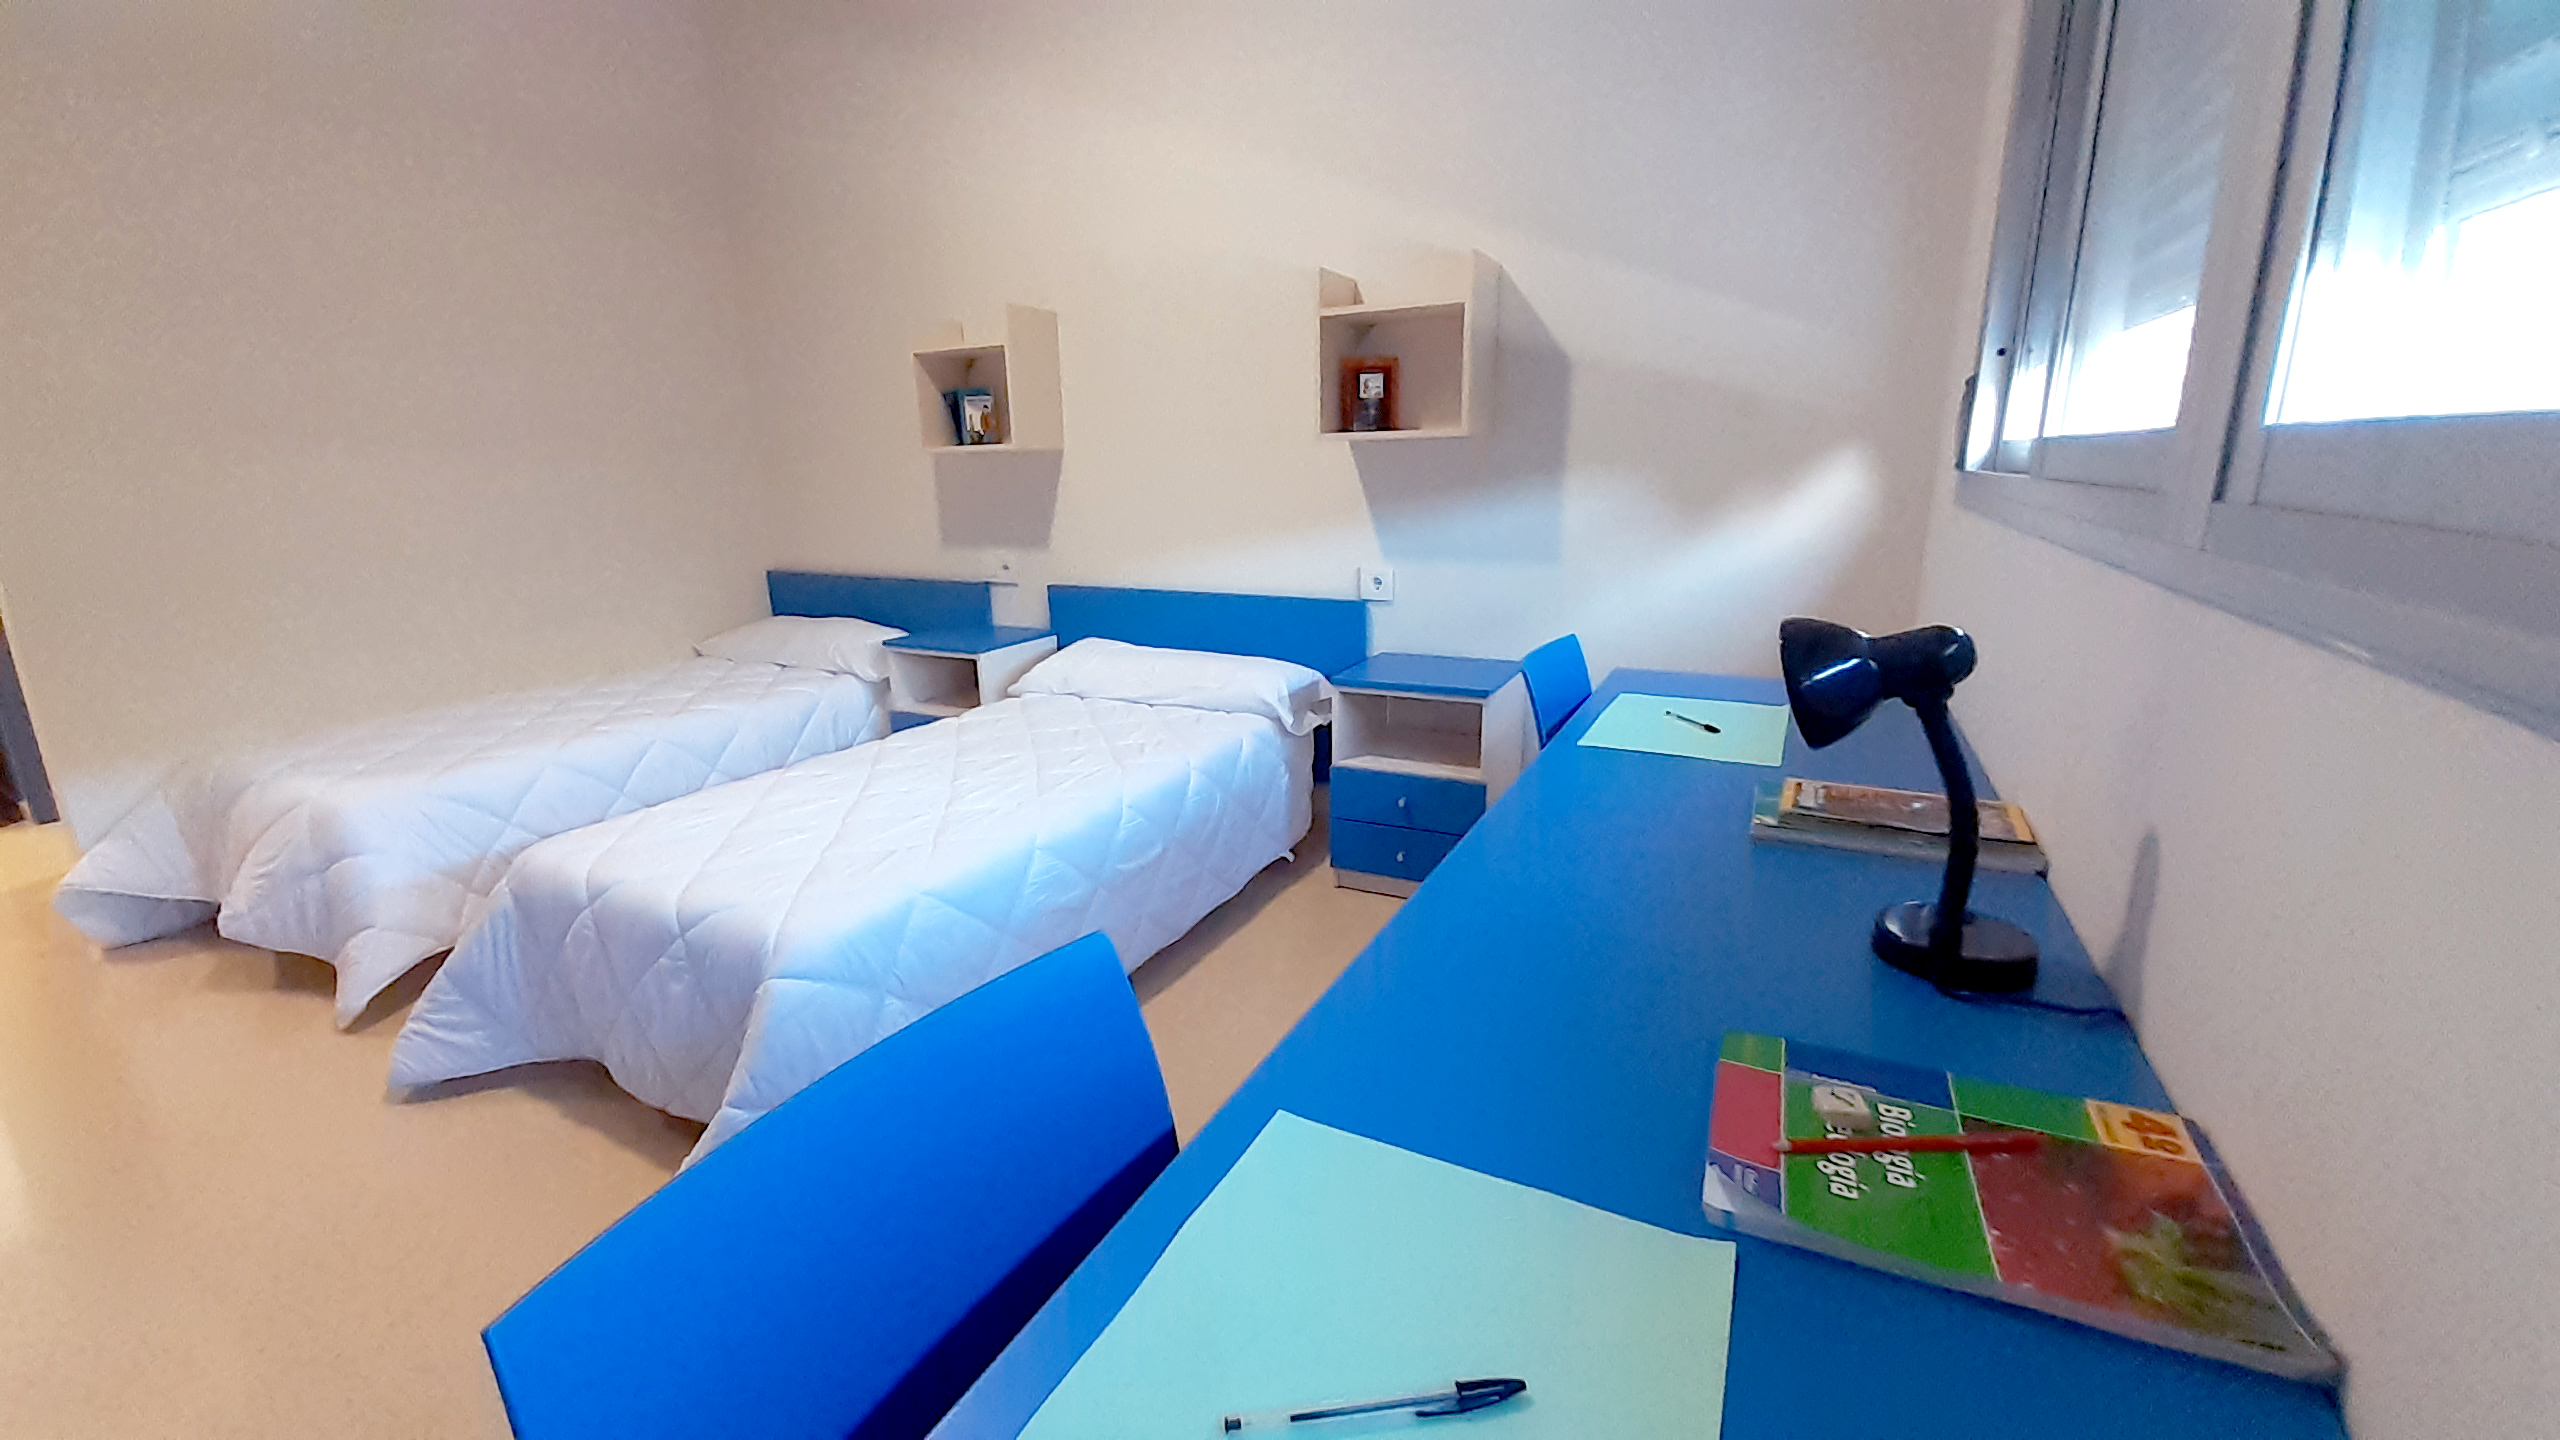 Escritorio y camas con tonos azules en una de las habitaciones del colegio residencial